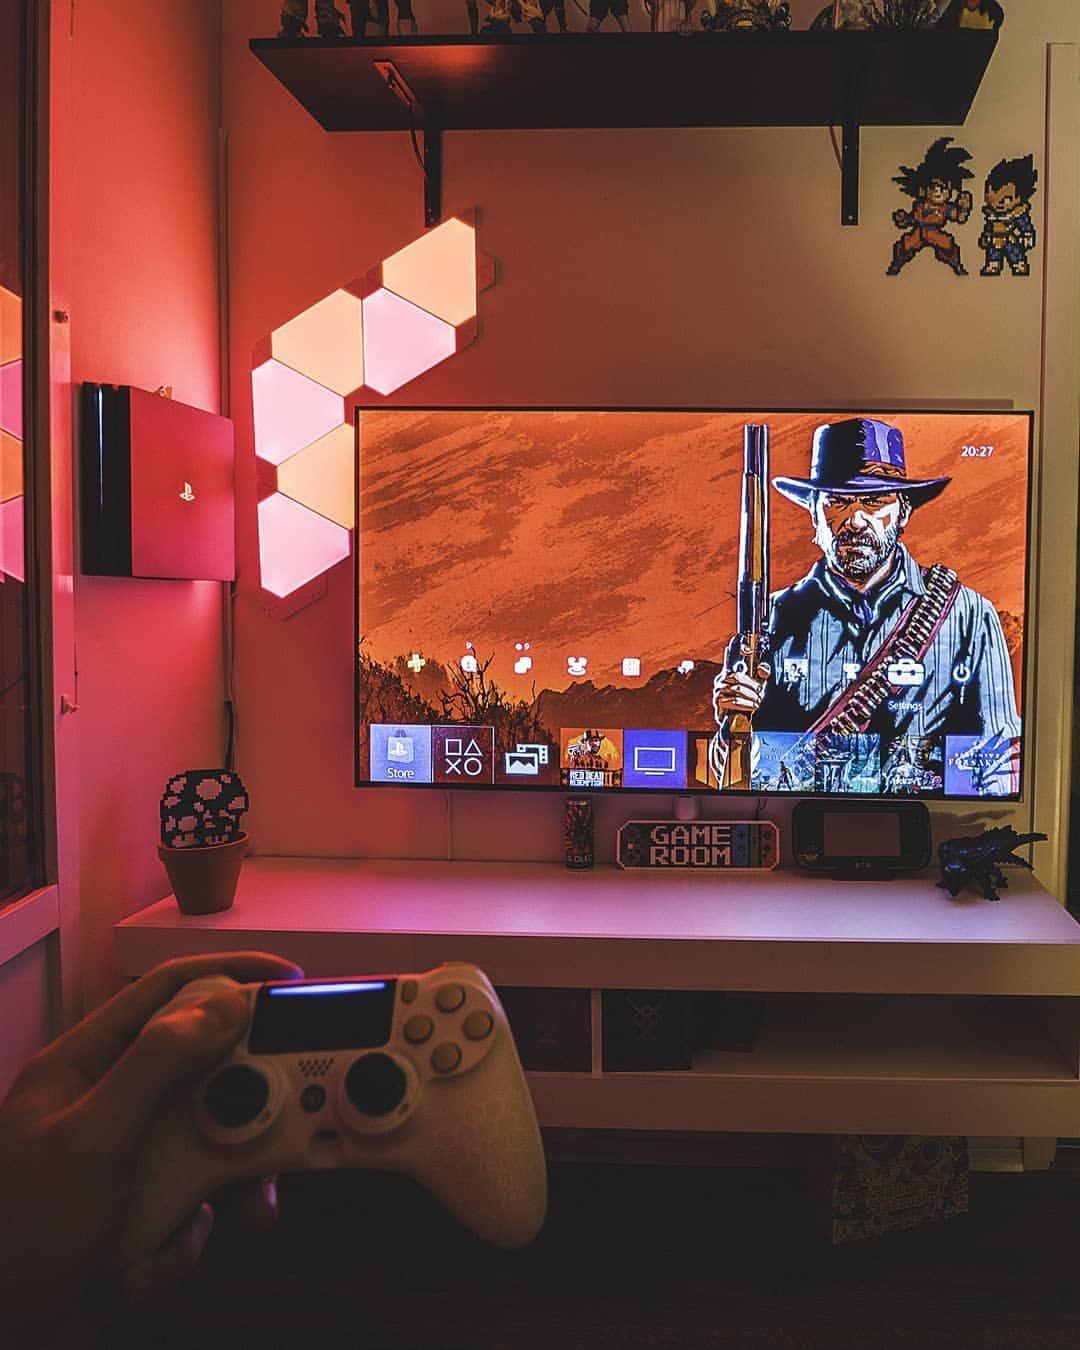 Red Dead Redemption 2 Game Room Design Video Game Room Design Small Game Rooms #tv #settings #in #living #room